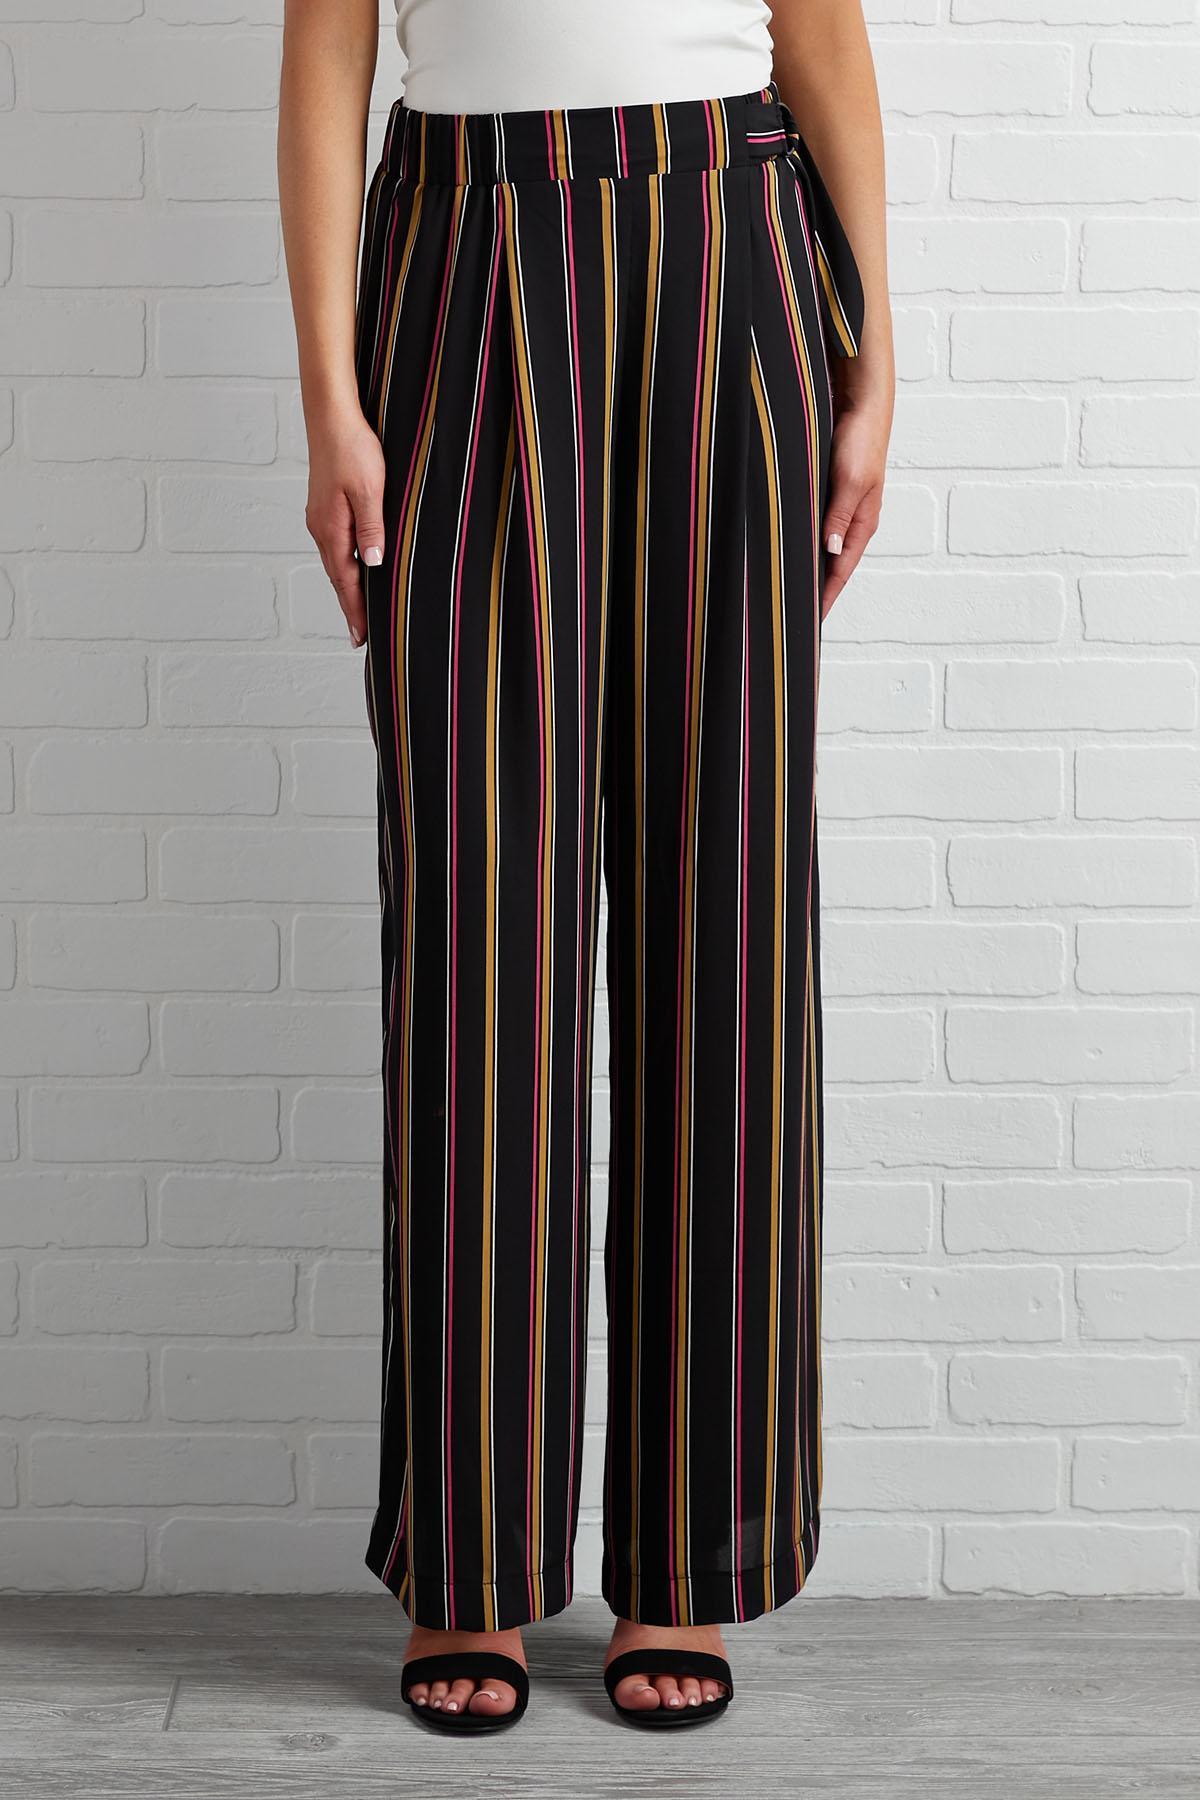 Fine Line Pants